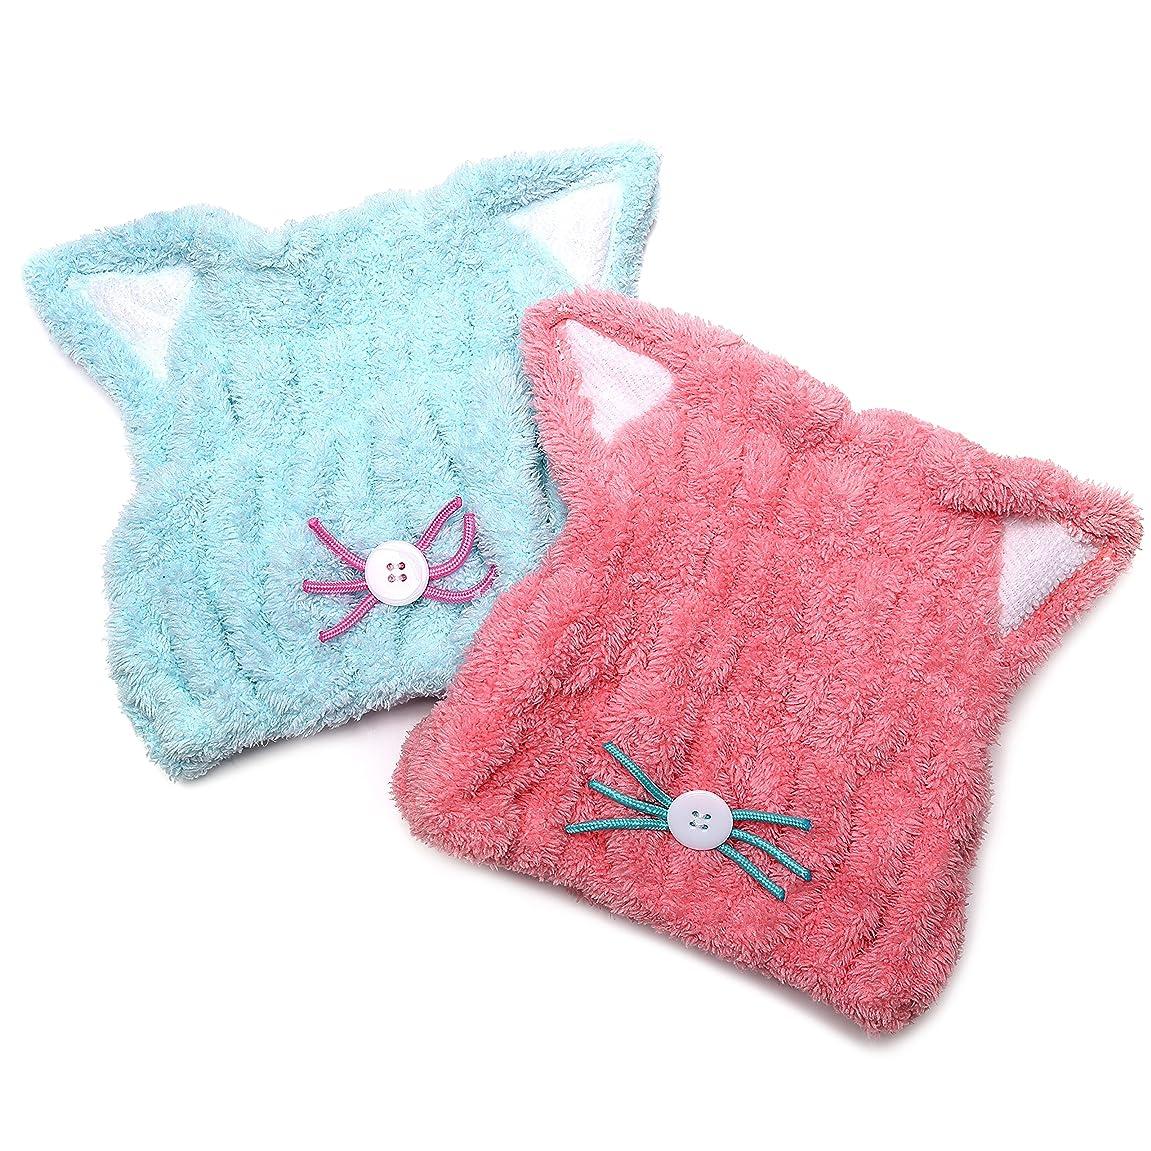 守るお尻枯渇するCota's home 子供用 吸水 タオルキャップ マイクロファイバー素材 ふわふわ タオル 帽子 子供 ねこ ショートヘアー用 お風呂上りやスイミングの後に楽しく乾かす 1年保証付き (ブルー&ピンク)